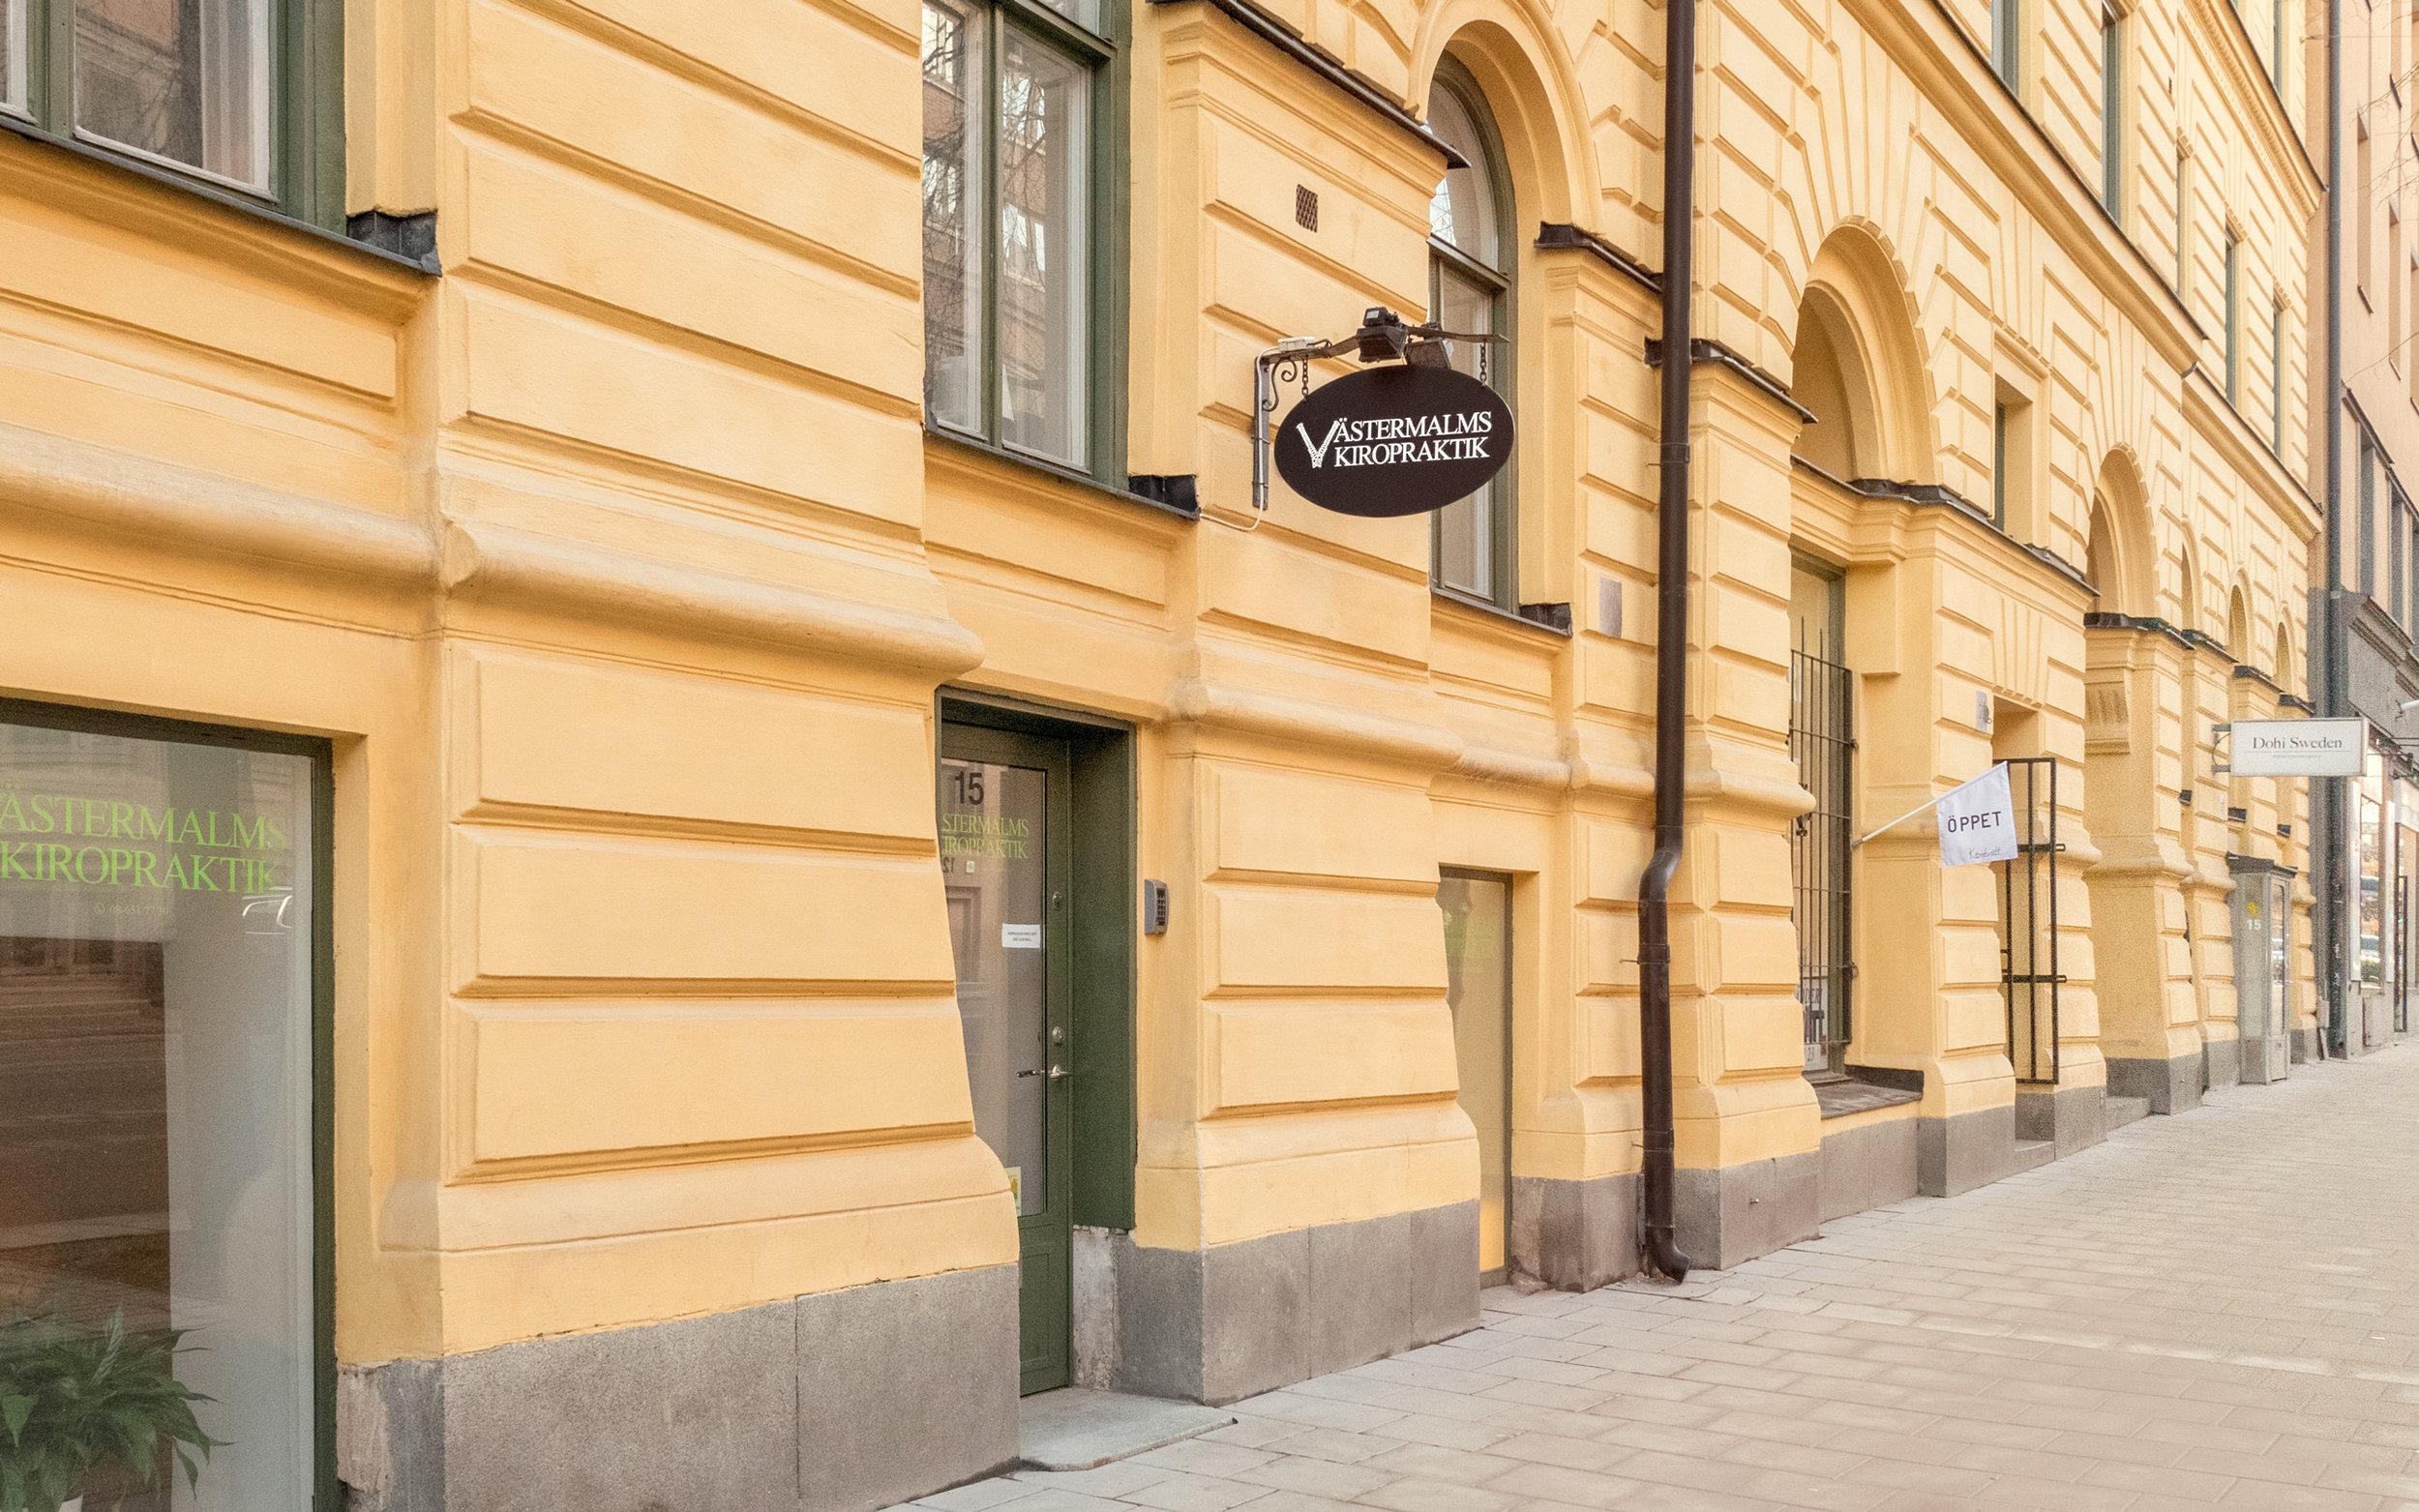 Ingång mellan portarna Fleminggatan 13 och 15